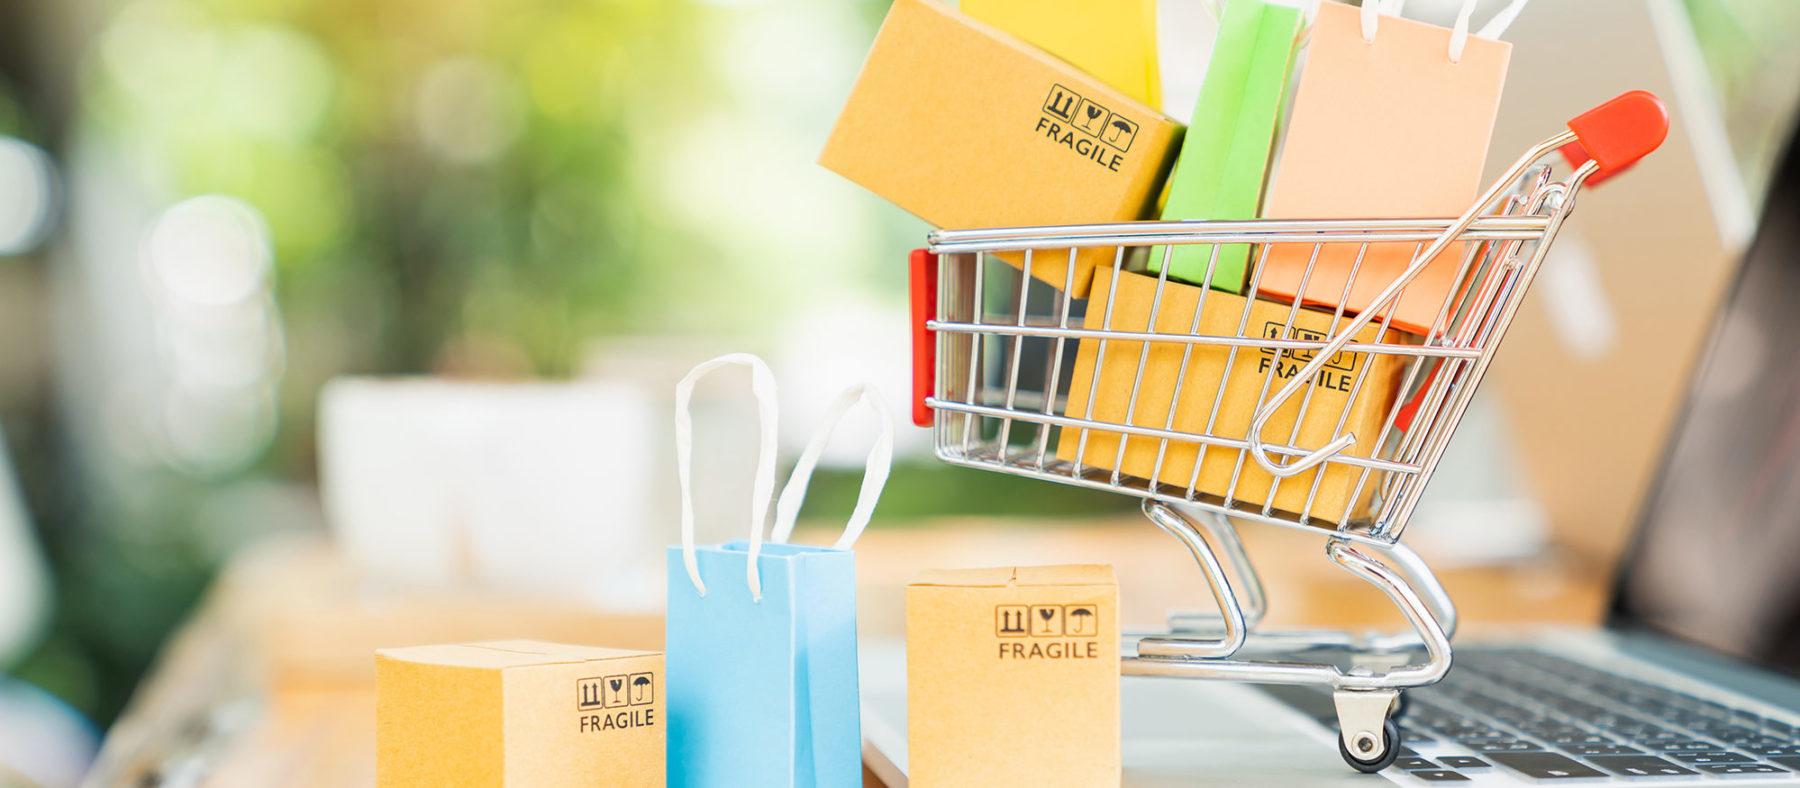 أهداف المتجر الإلكتروني